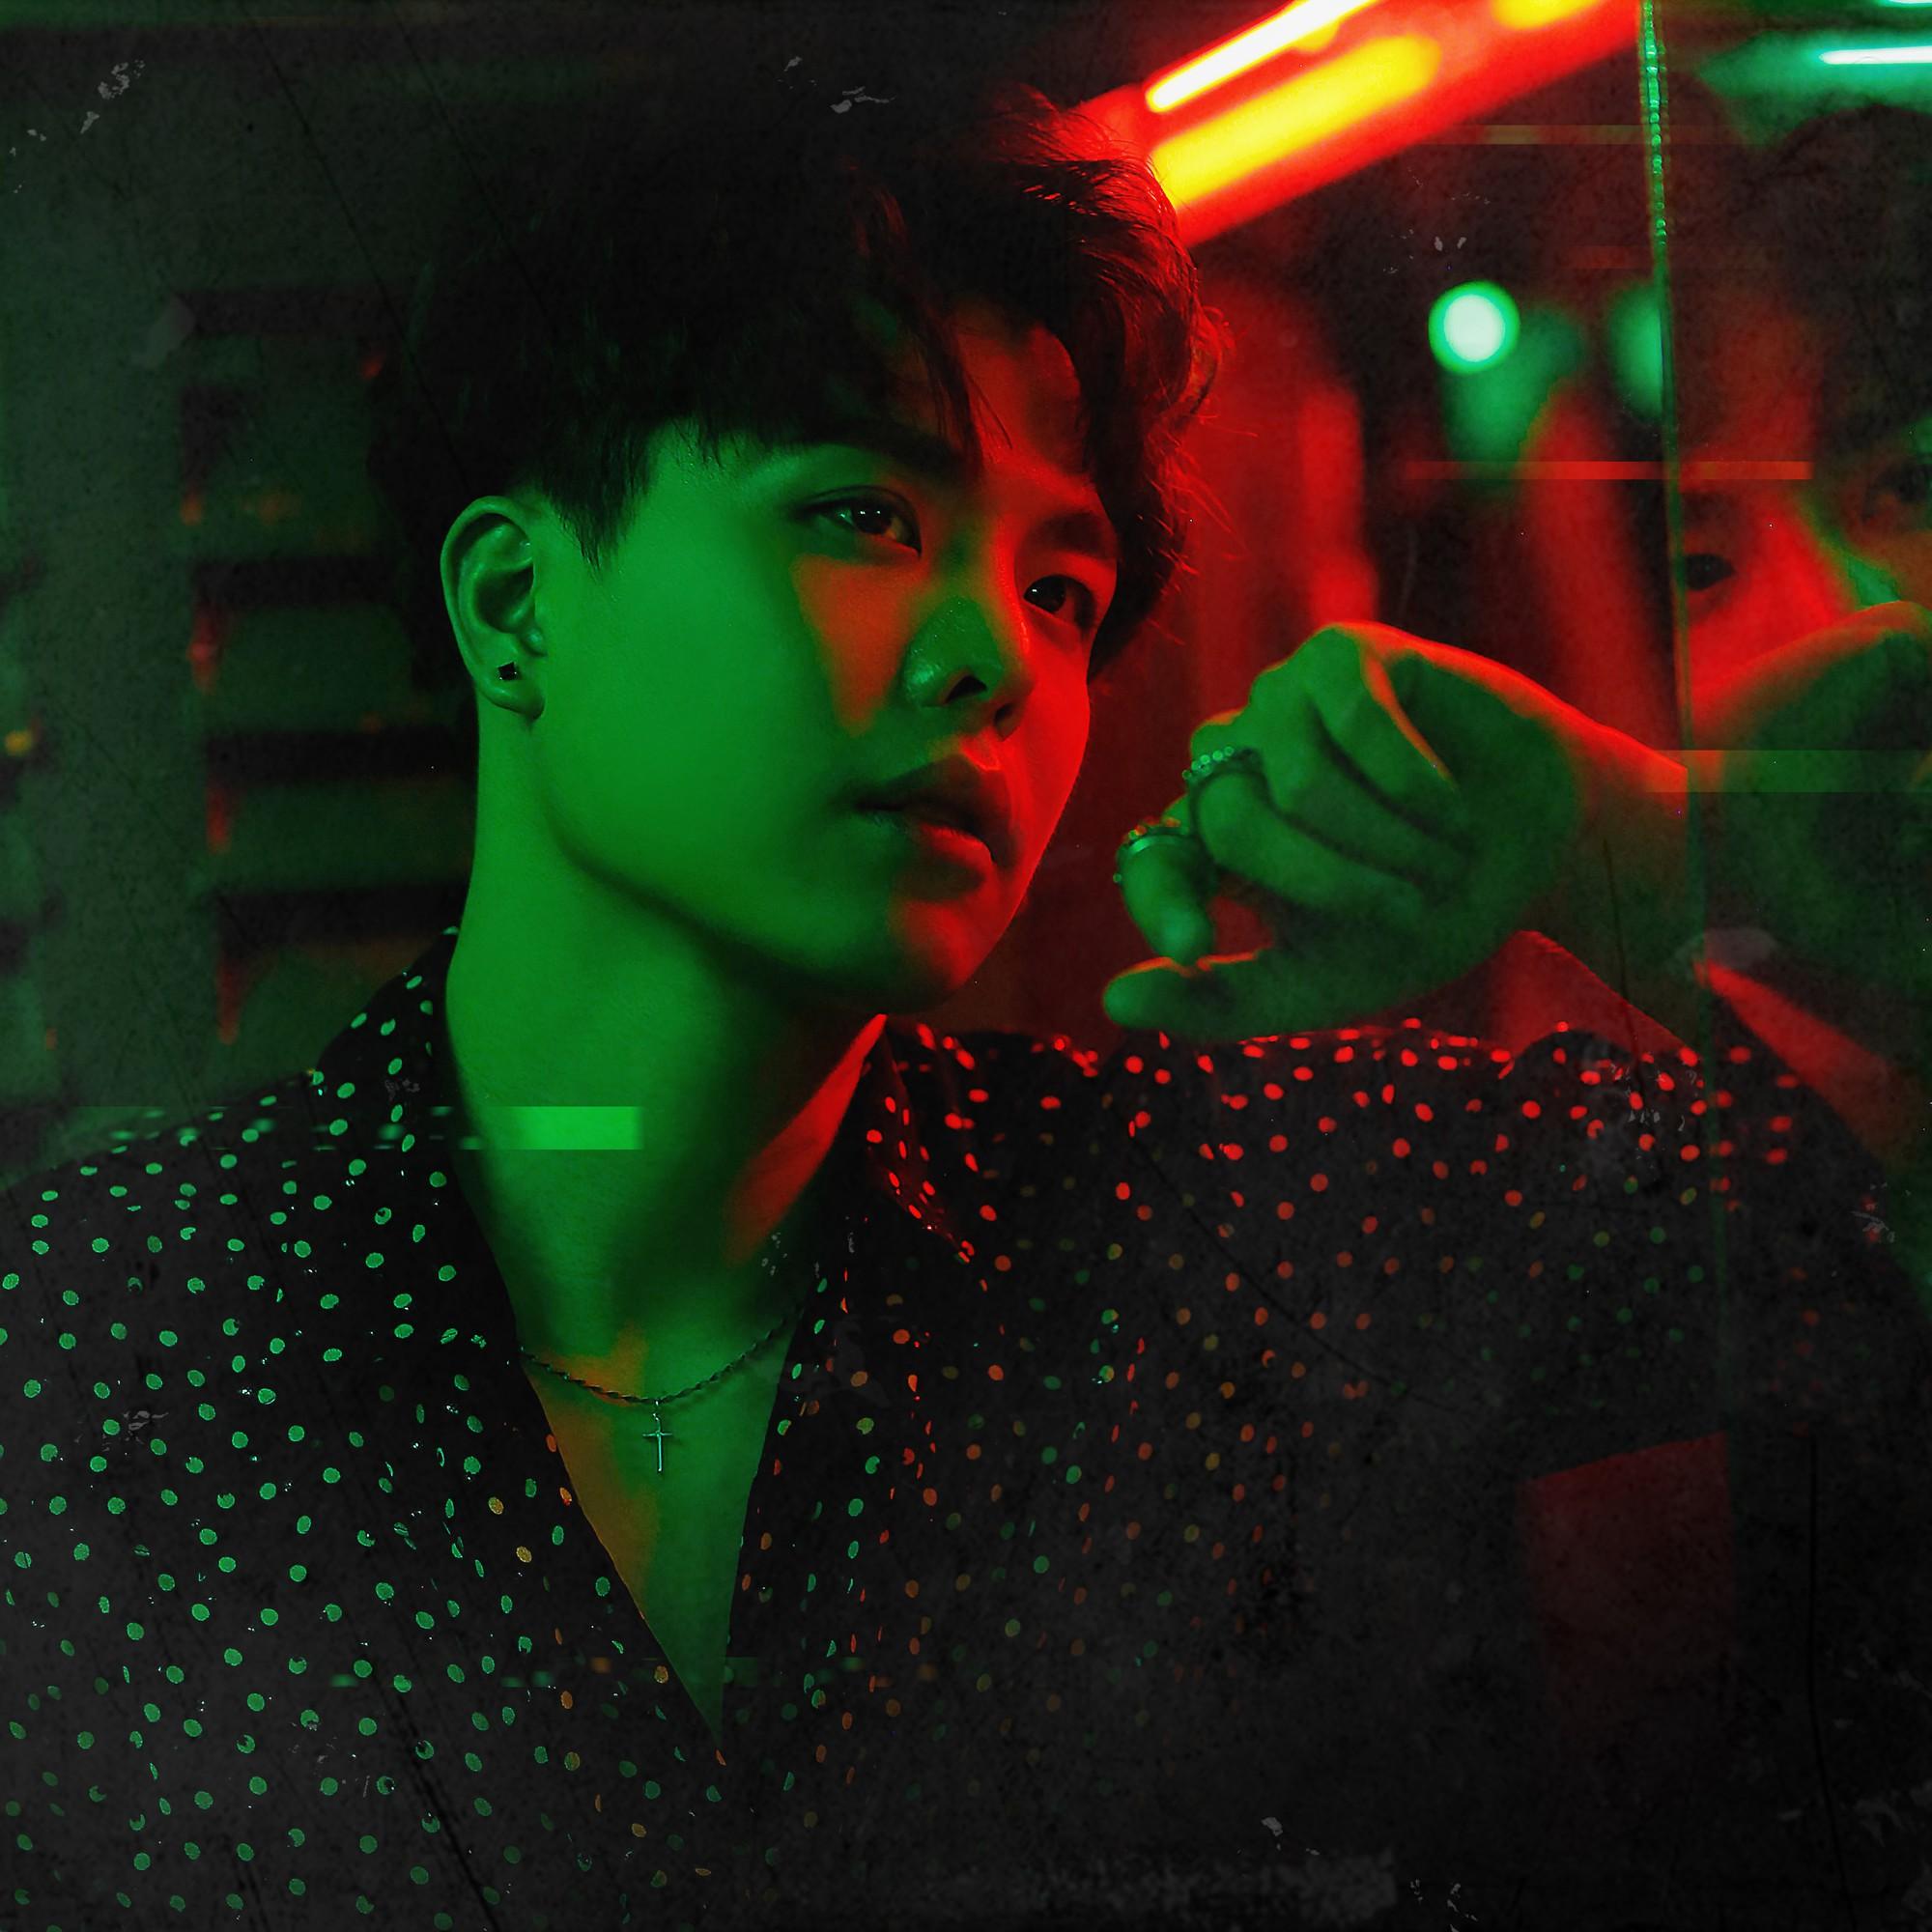 Sau loạt ồn ào bị đạo nhái hit cũ, Trịnh Thăng Bình bất ngờ trở lại Vpop với bản ballad có tựa đề hack não - Ảnh 2.